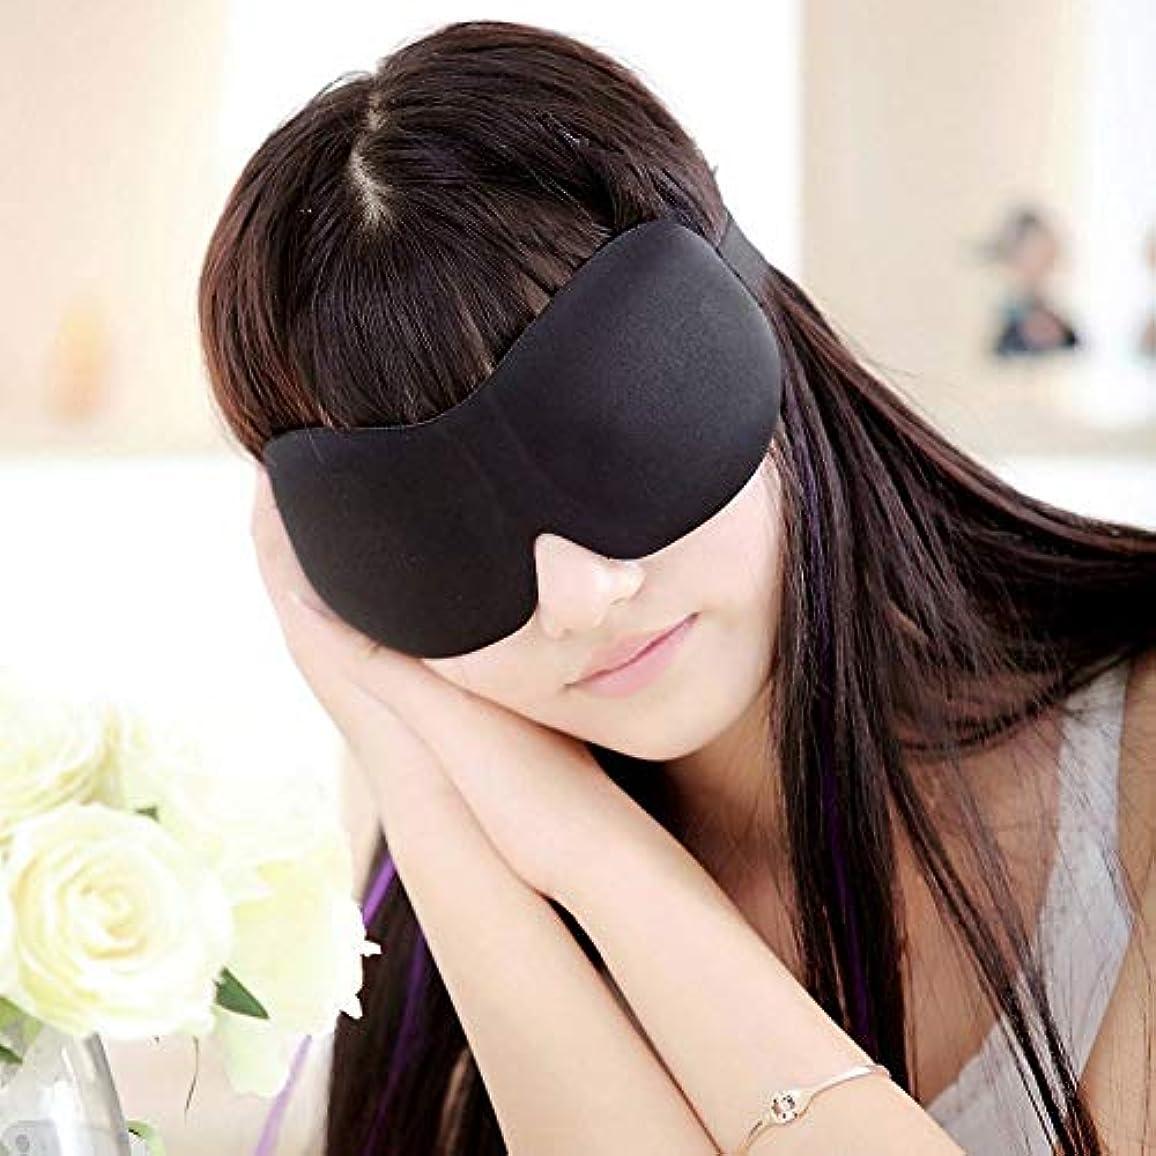 ペンスジョグ苦しめる注新しい到着3 dアイシェード睡眠アイマスクシームレスソフト睡眠快適アイシェード